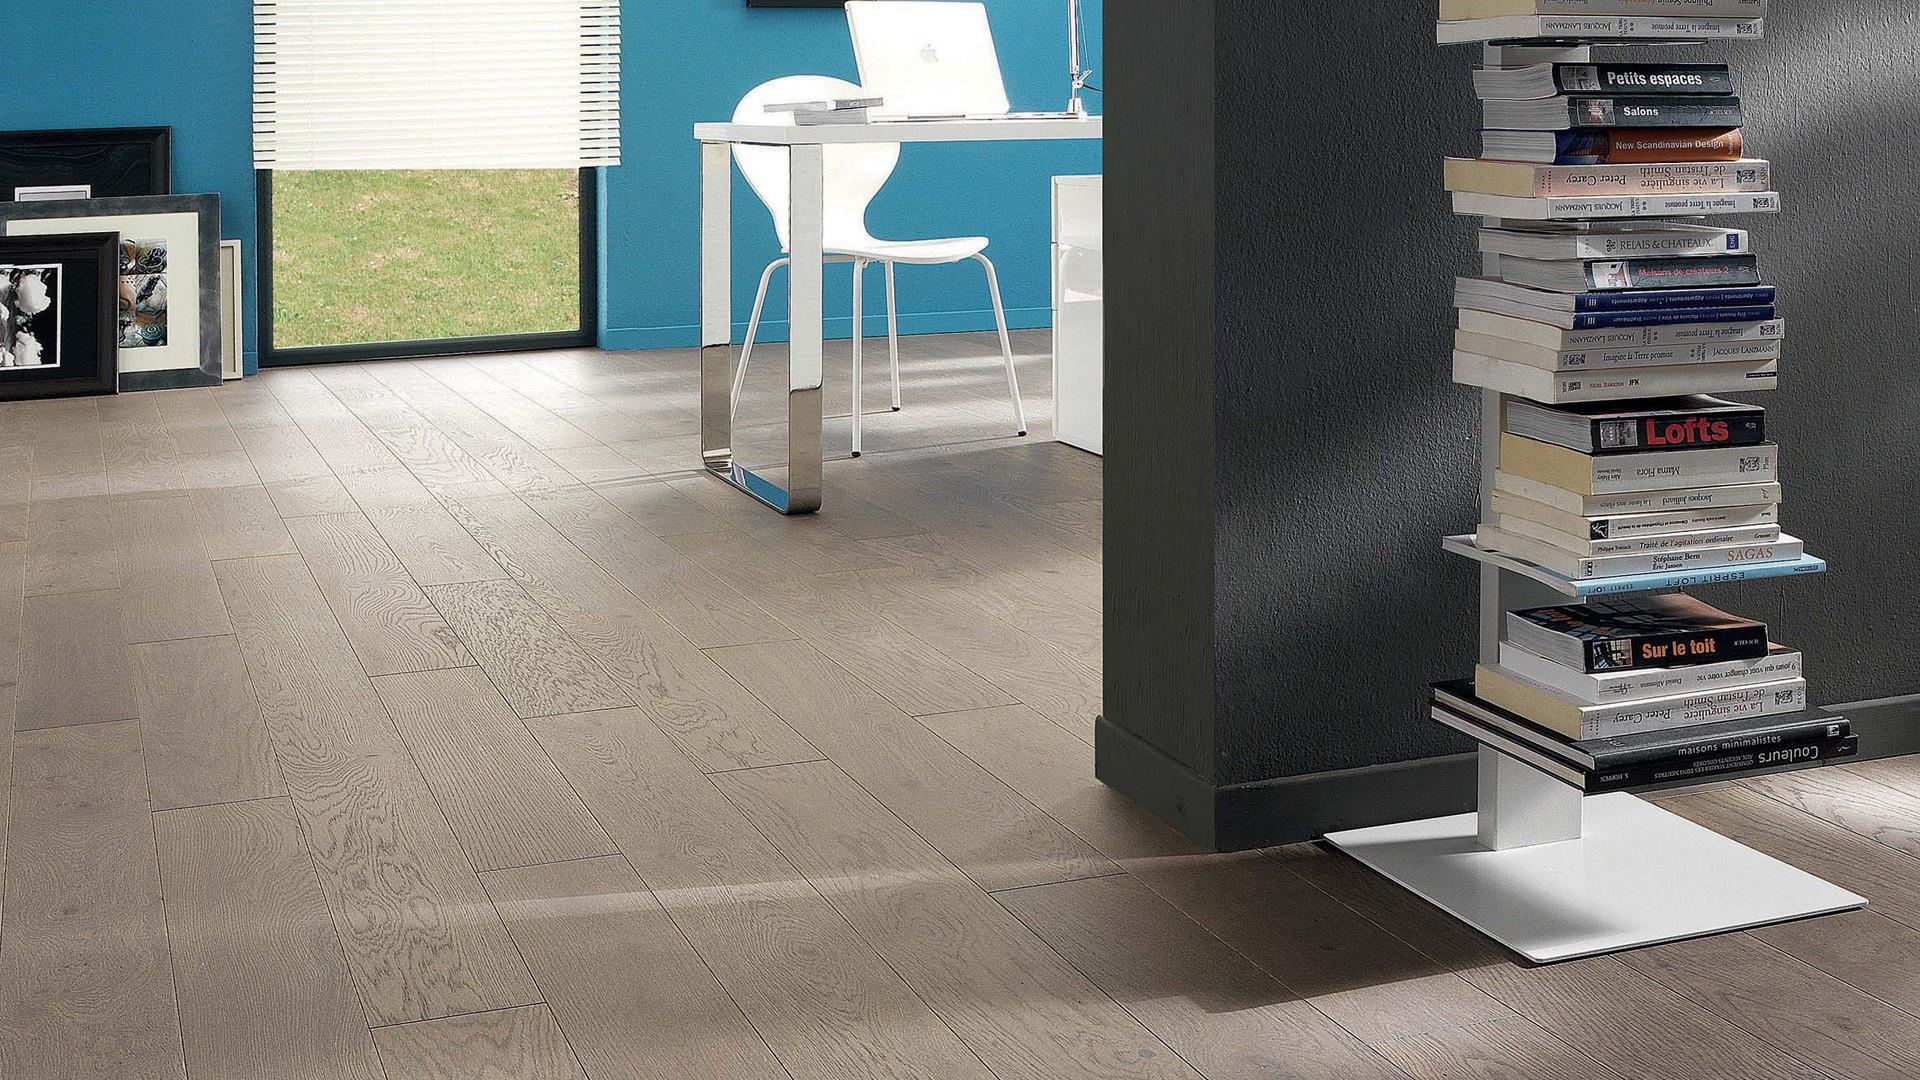 floating hardwood floor on concrete of floor french oak zenitude topia diva 139 for parquet en french oak zenitude topia 12 mm